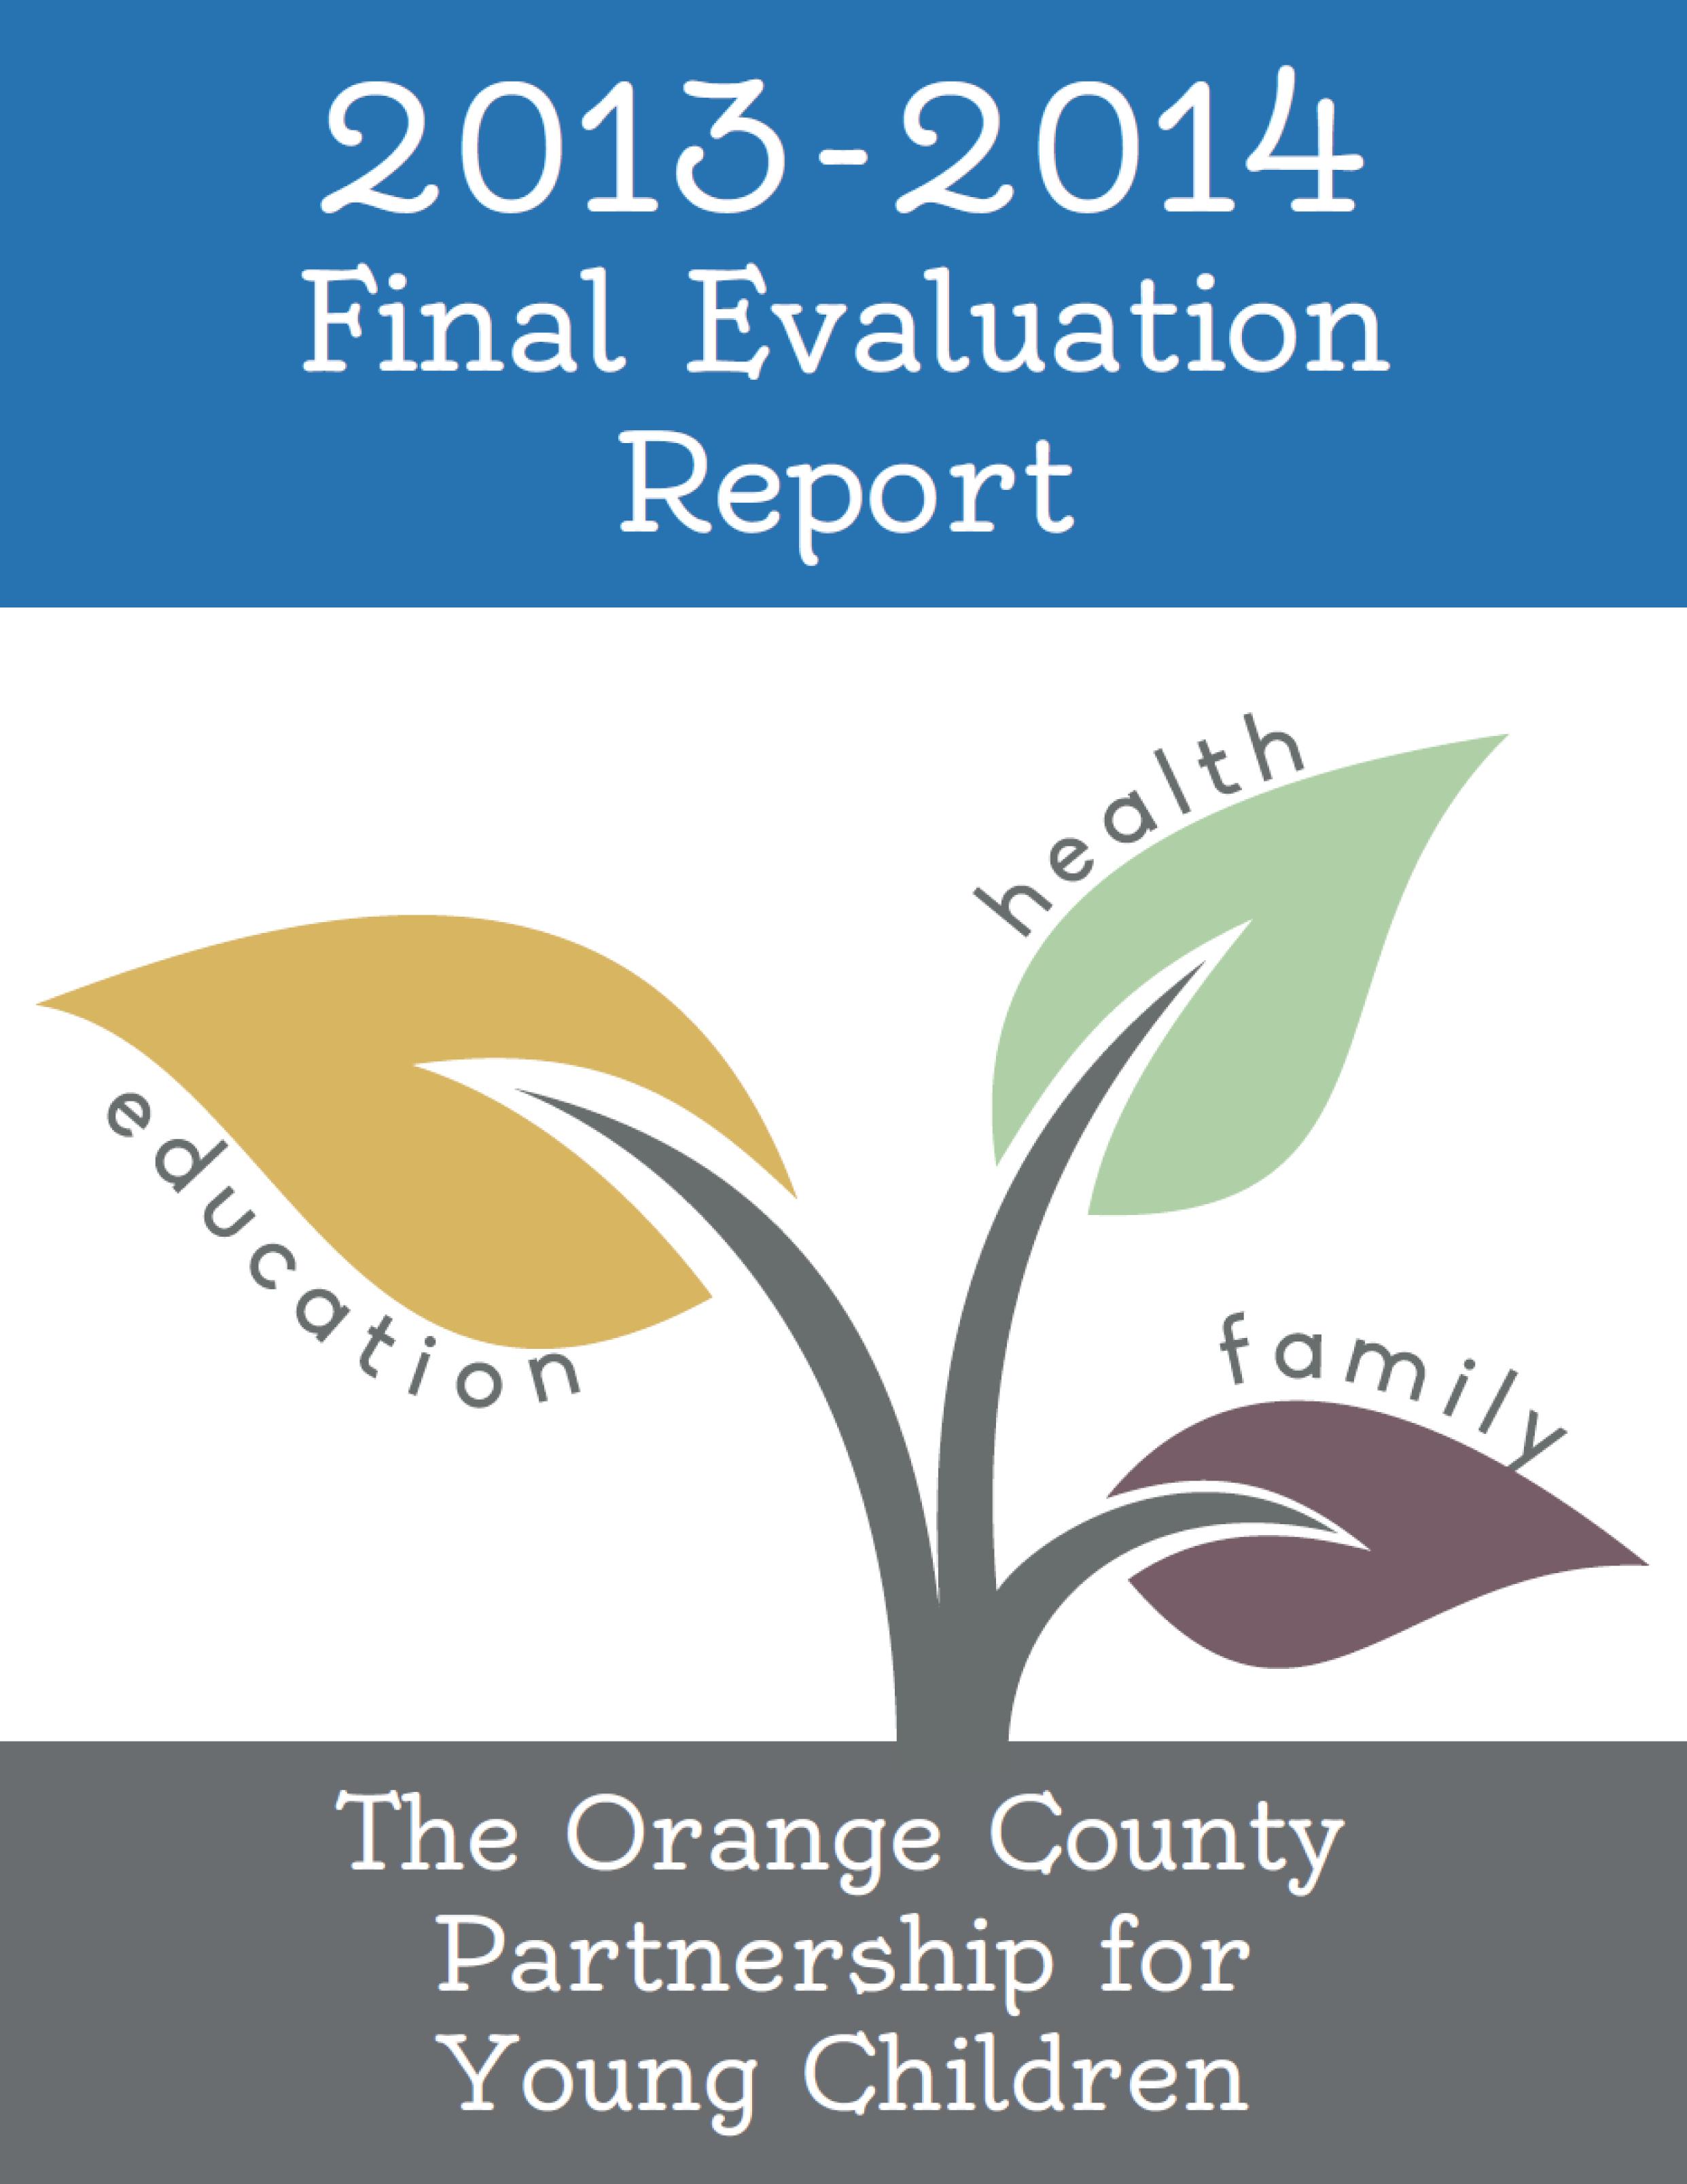 13-14 eval report